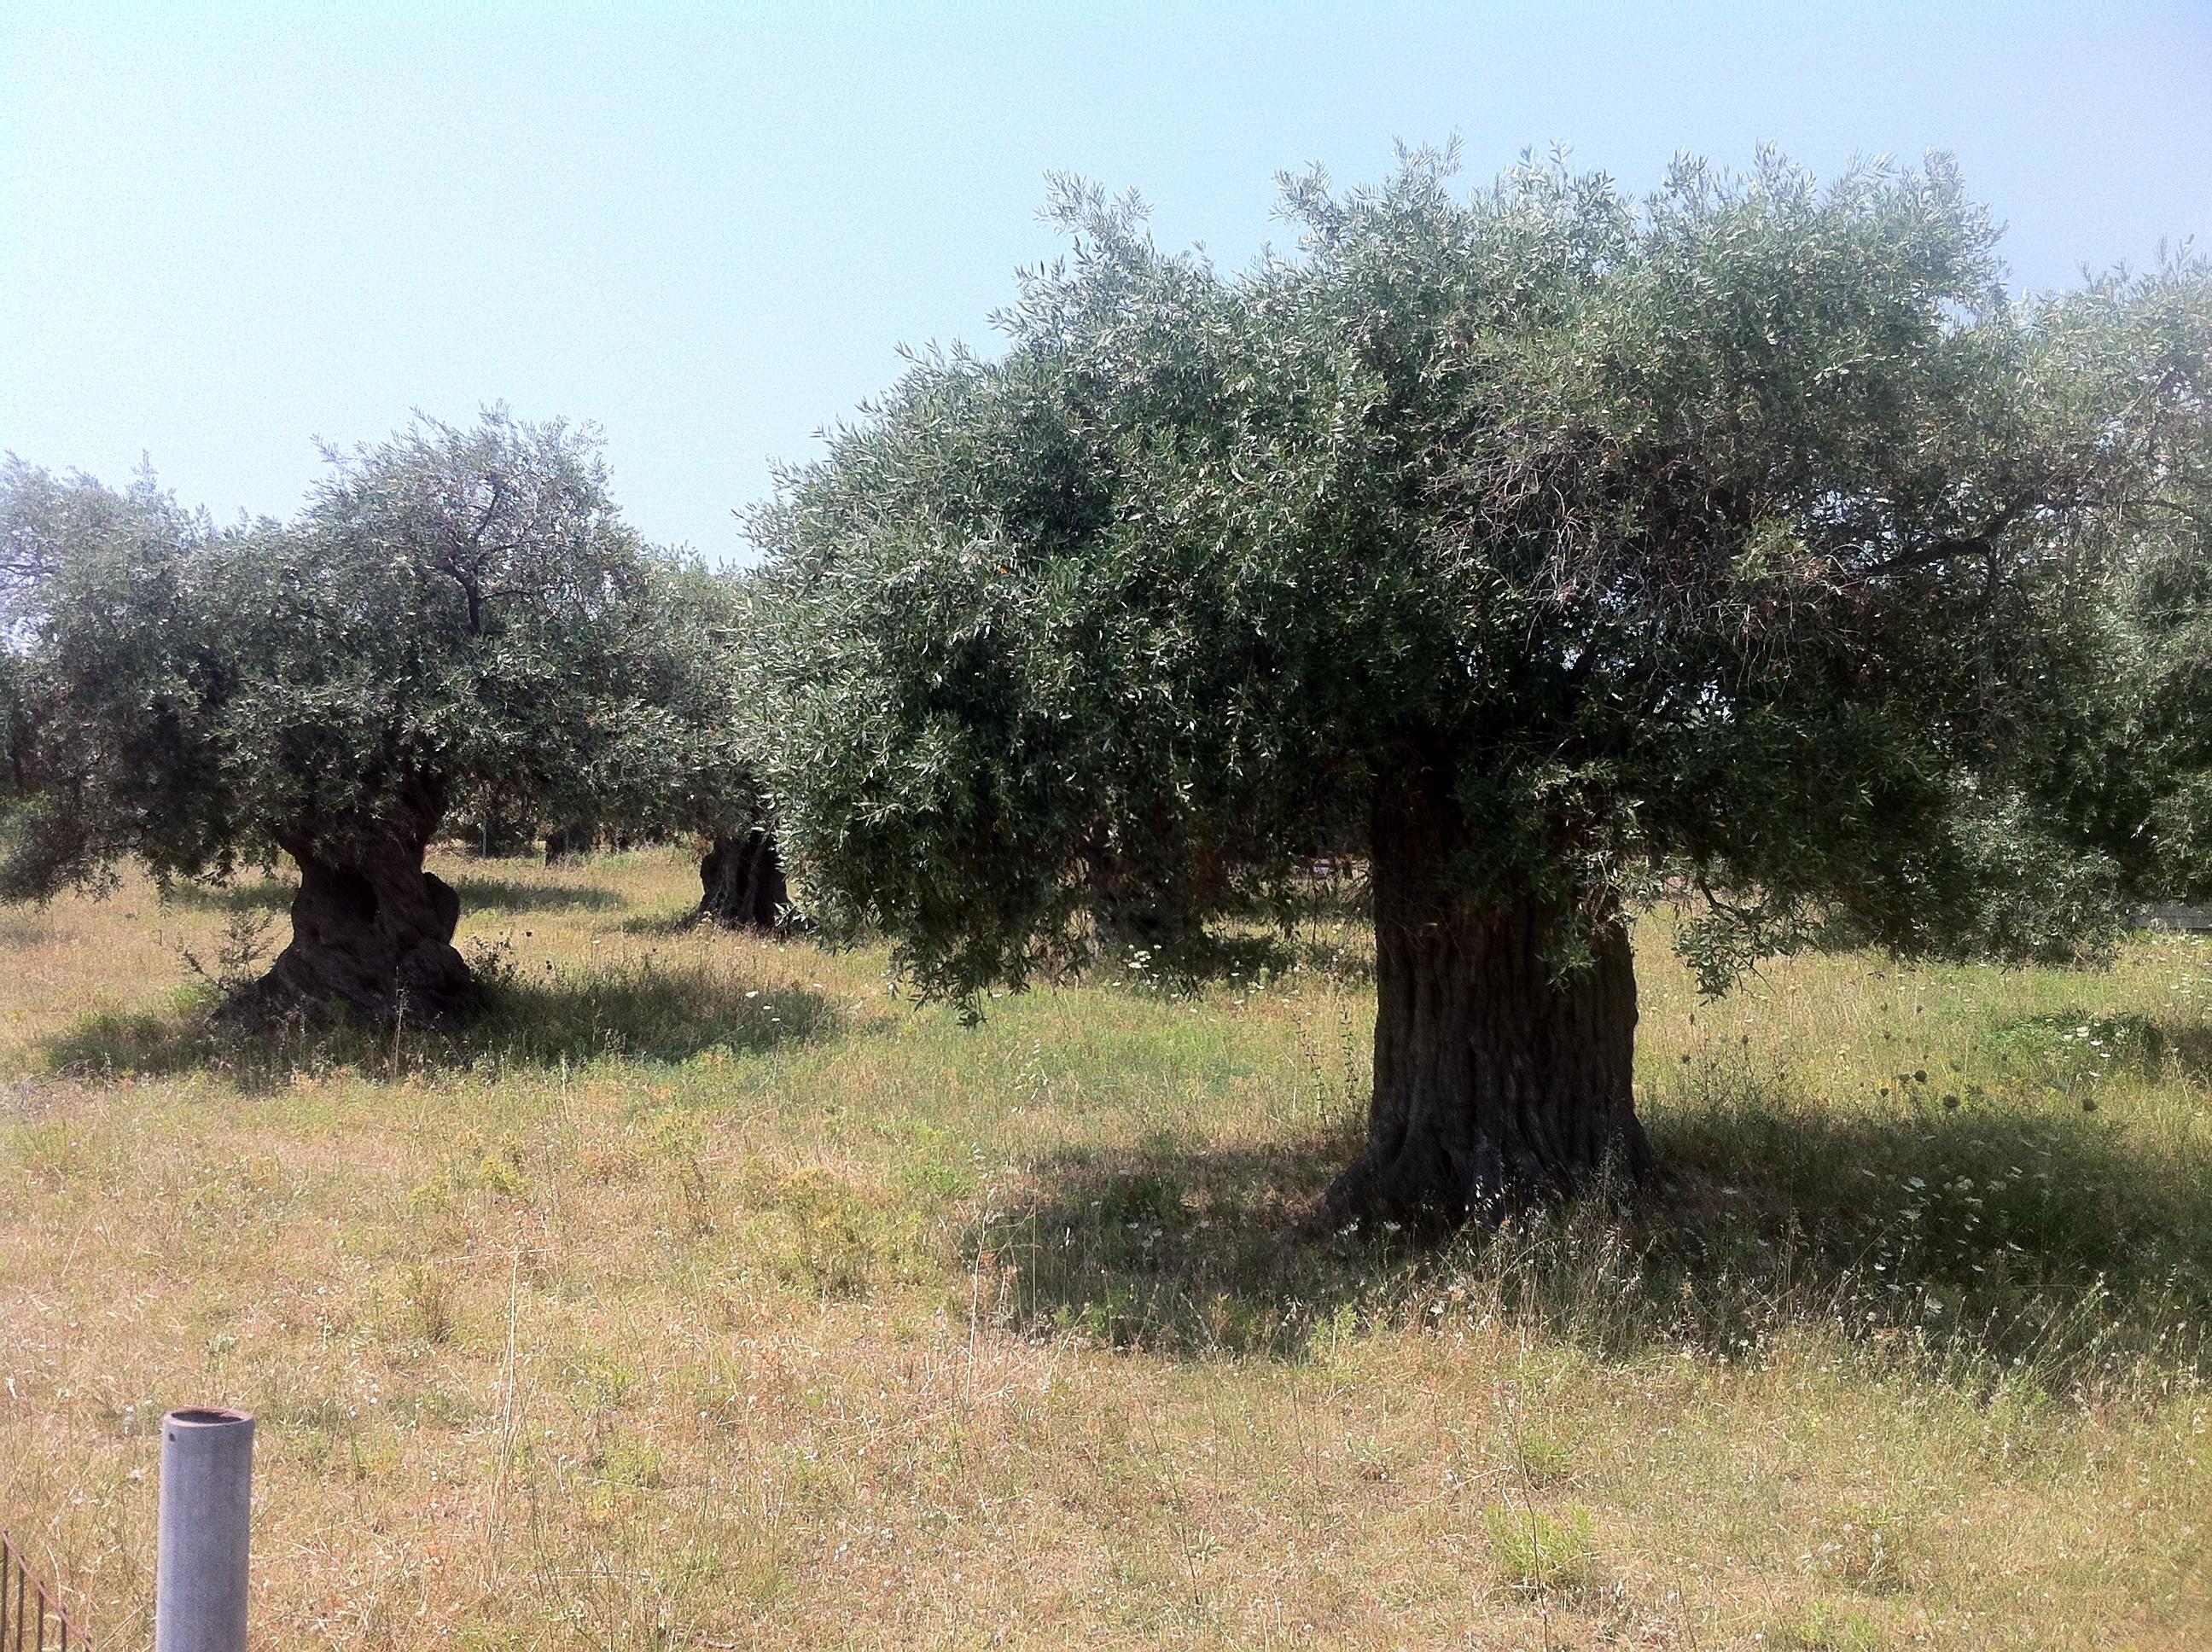 Zeytin bütün ağaçların ilkidir, ilk aşk, ilk acı gibi